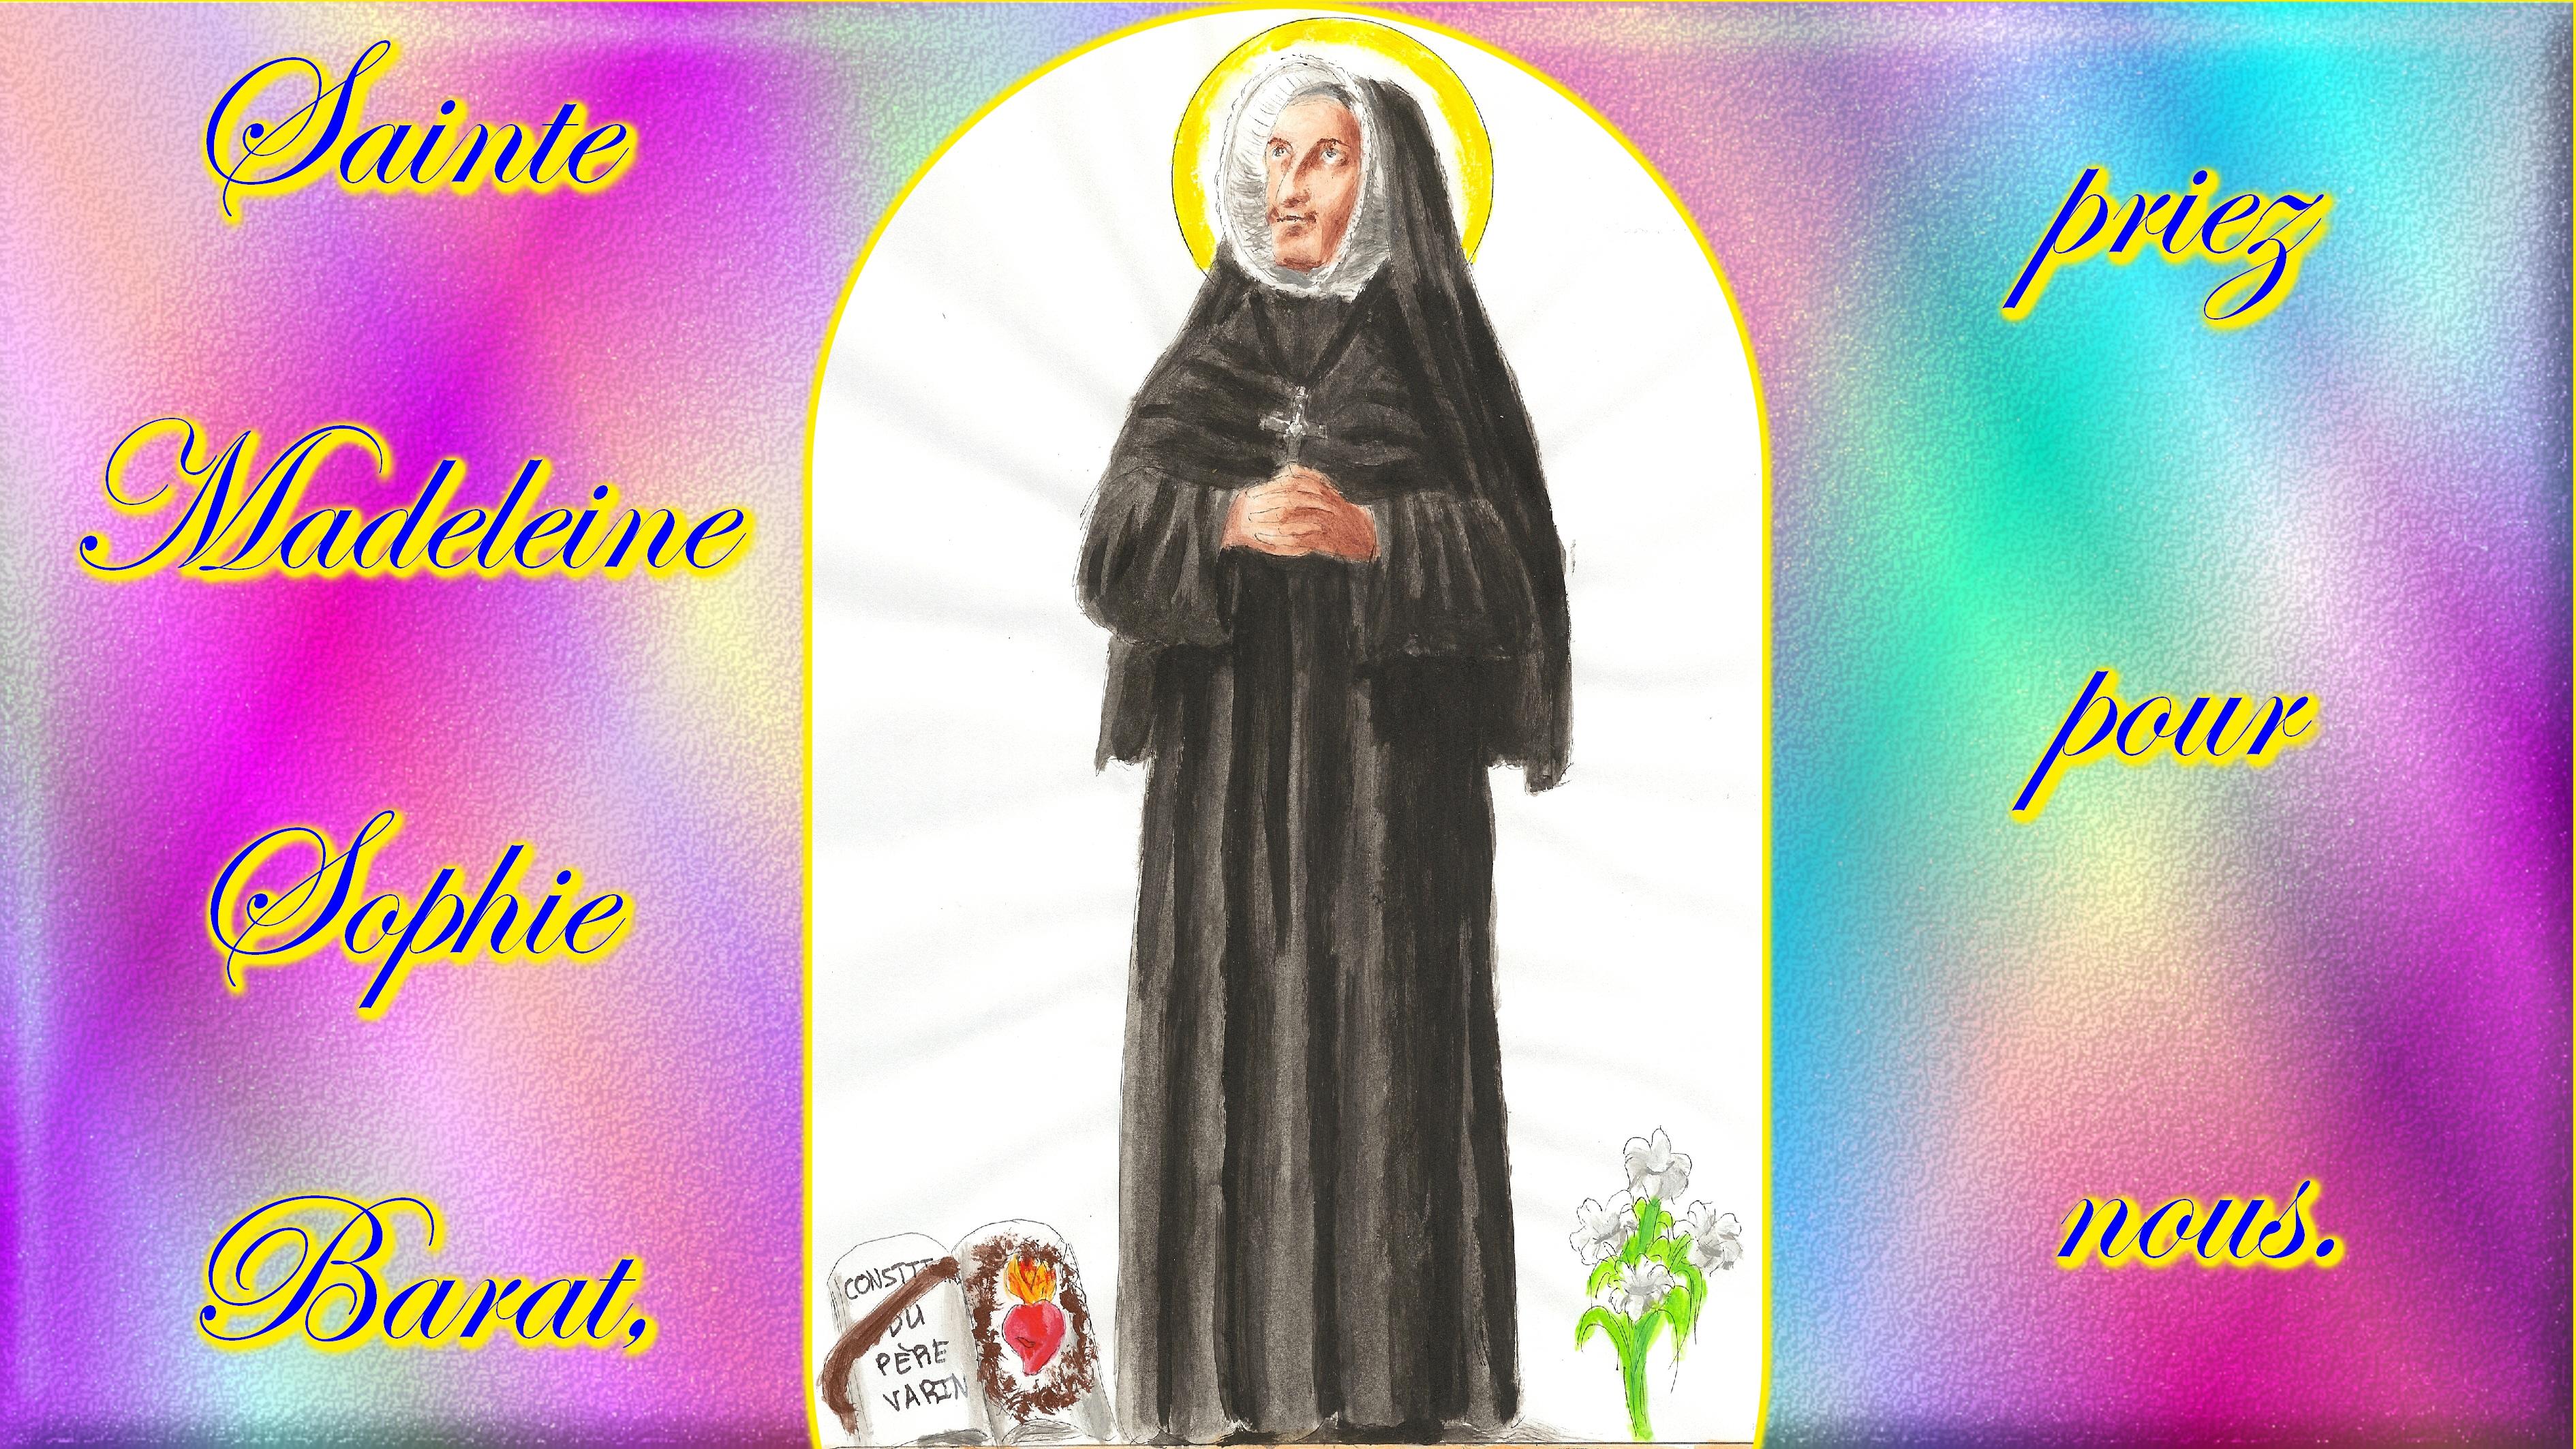 CALENDRIER CATHOLIQUE 2020 (Cantiques, Prières & Images) - Page 15 Ste-madeleine-sophie-barat-57690b5